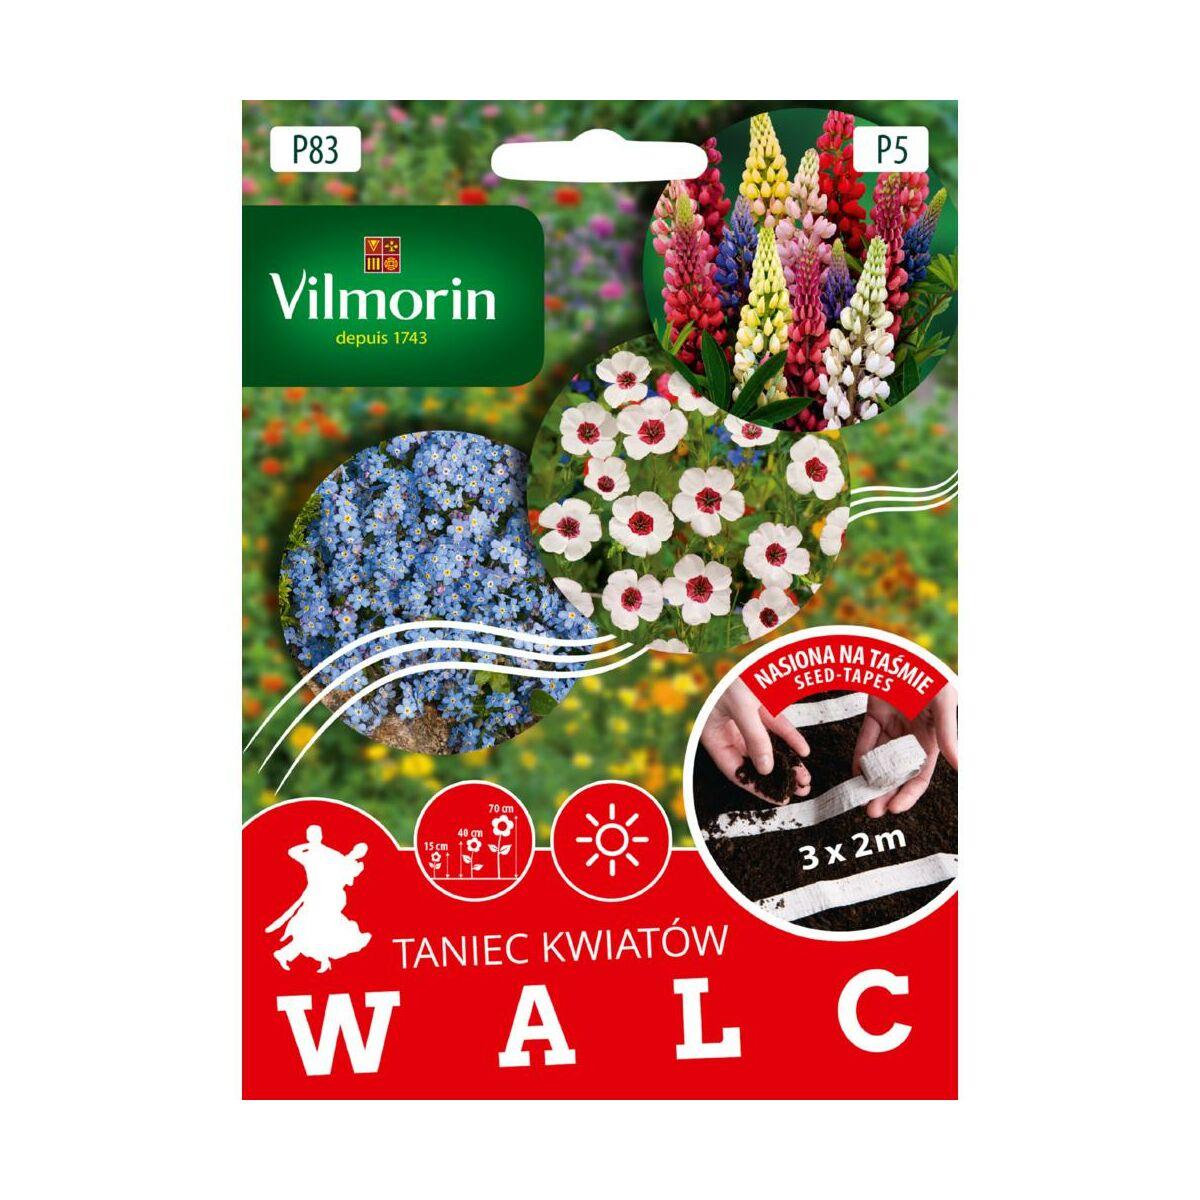 Mieszanka kwiatów WALC nasiona na taśmie 3 x 2 m VILMORIN